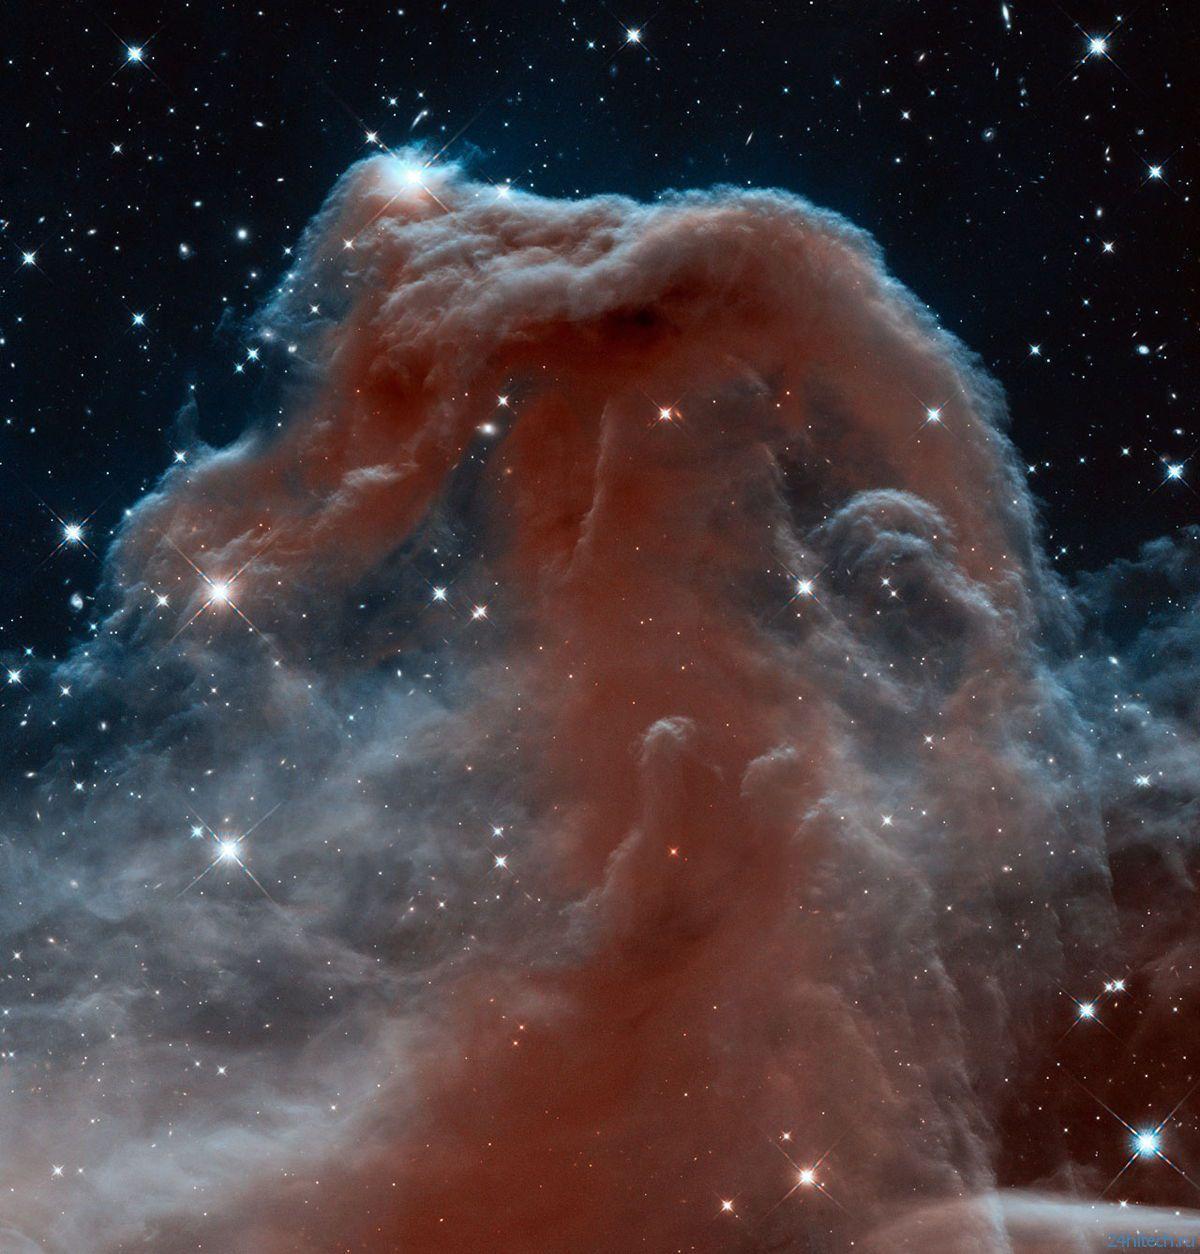 Хаббл сделал потрясающую фотографию на свой 23 день рождения